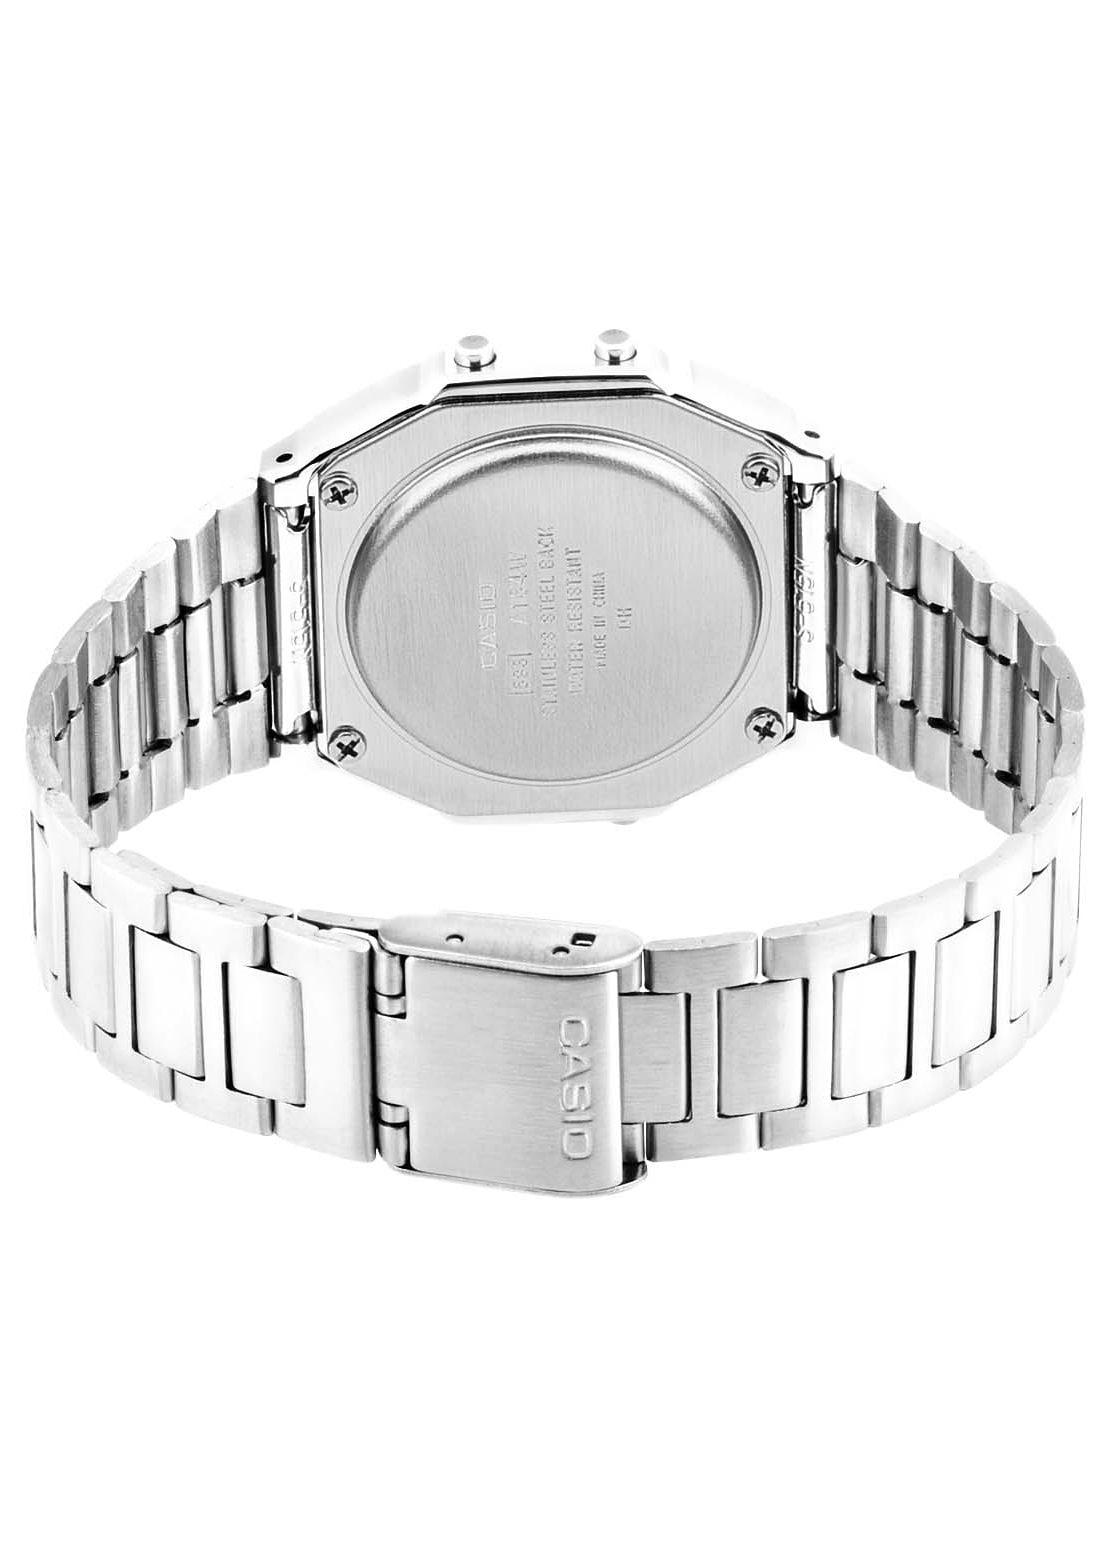 casio vintage chronograph a164wa1ves Zeitlos schöner Herrenchronograph K3psV